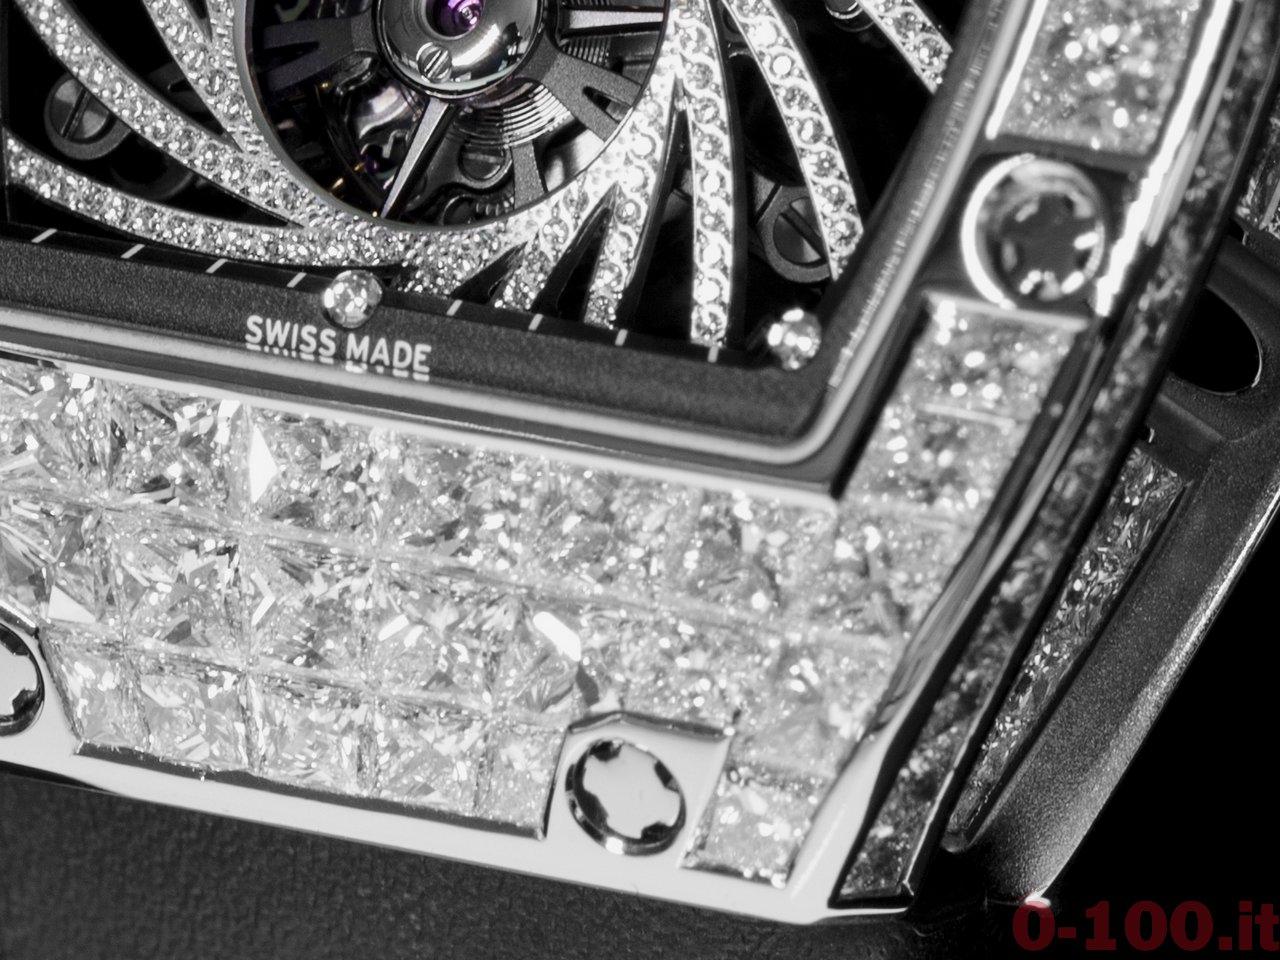 sihh-2015-richard-mille-rm-51-02-tourbillon-diamond-twister-0-100_10